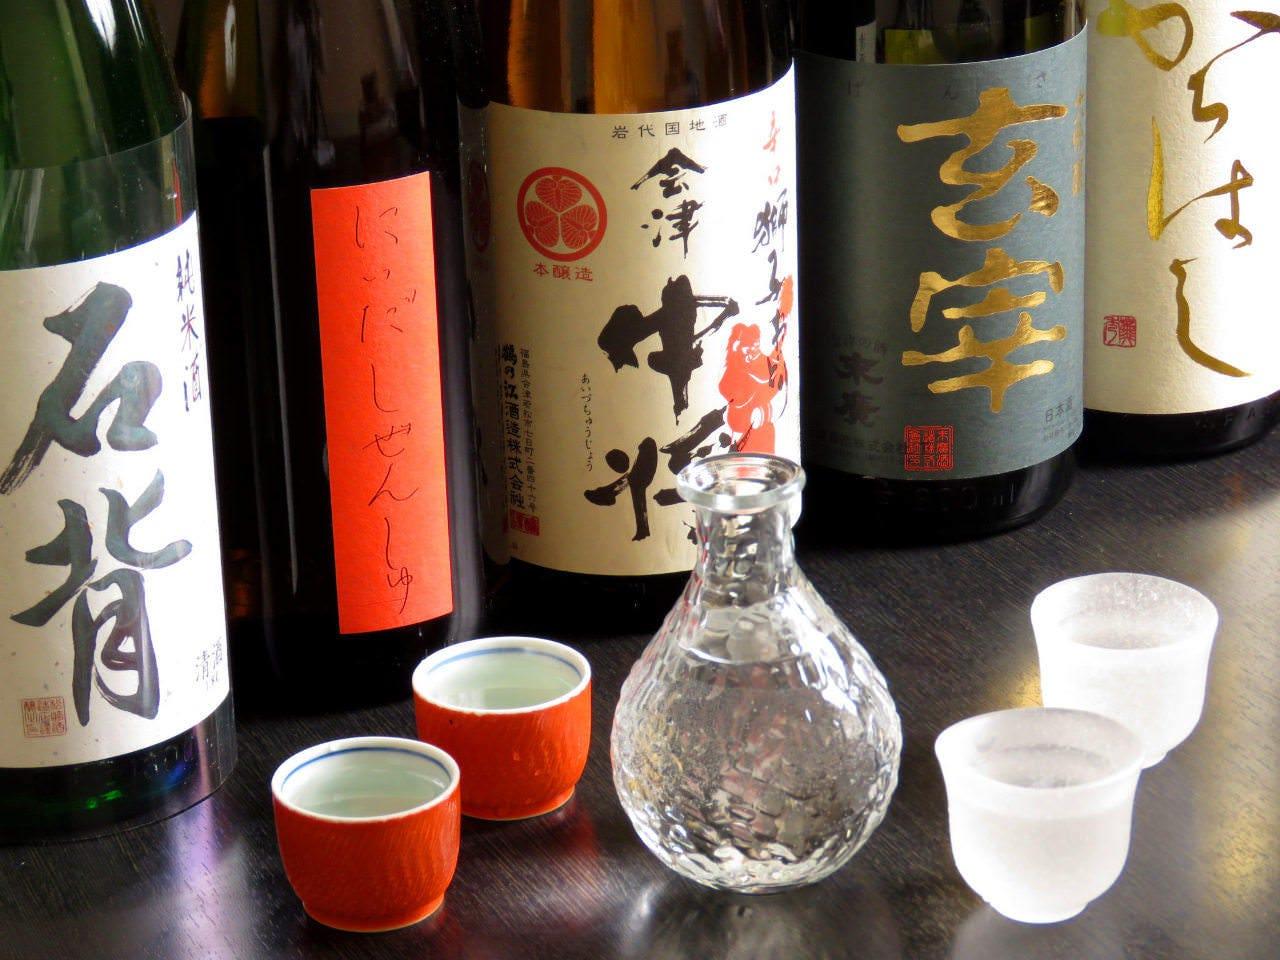 福島県全蔵元の地酒が揃う店